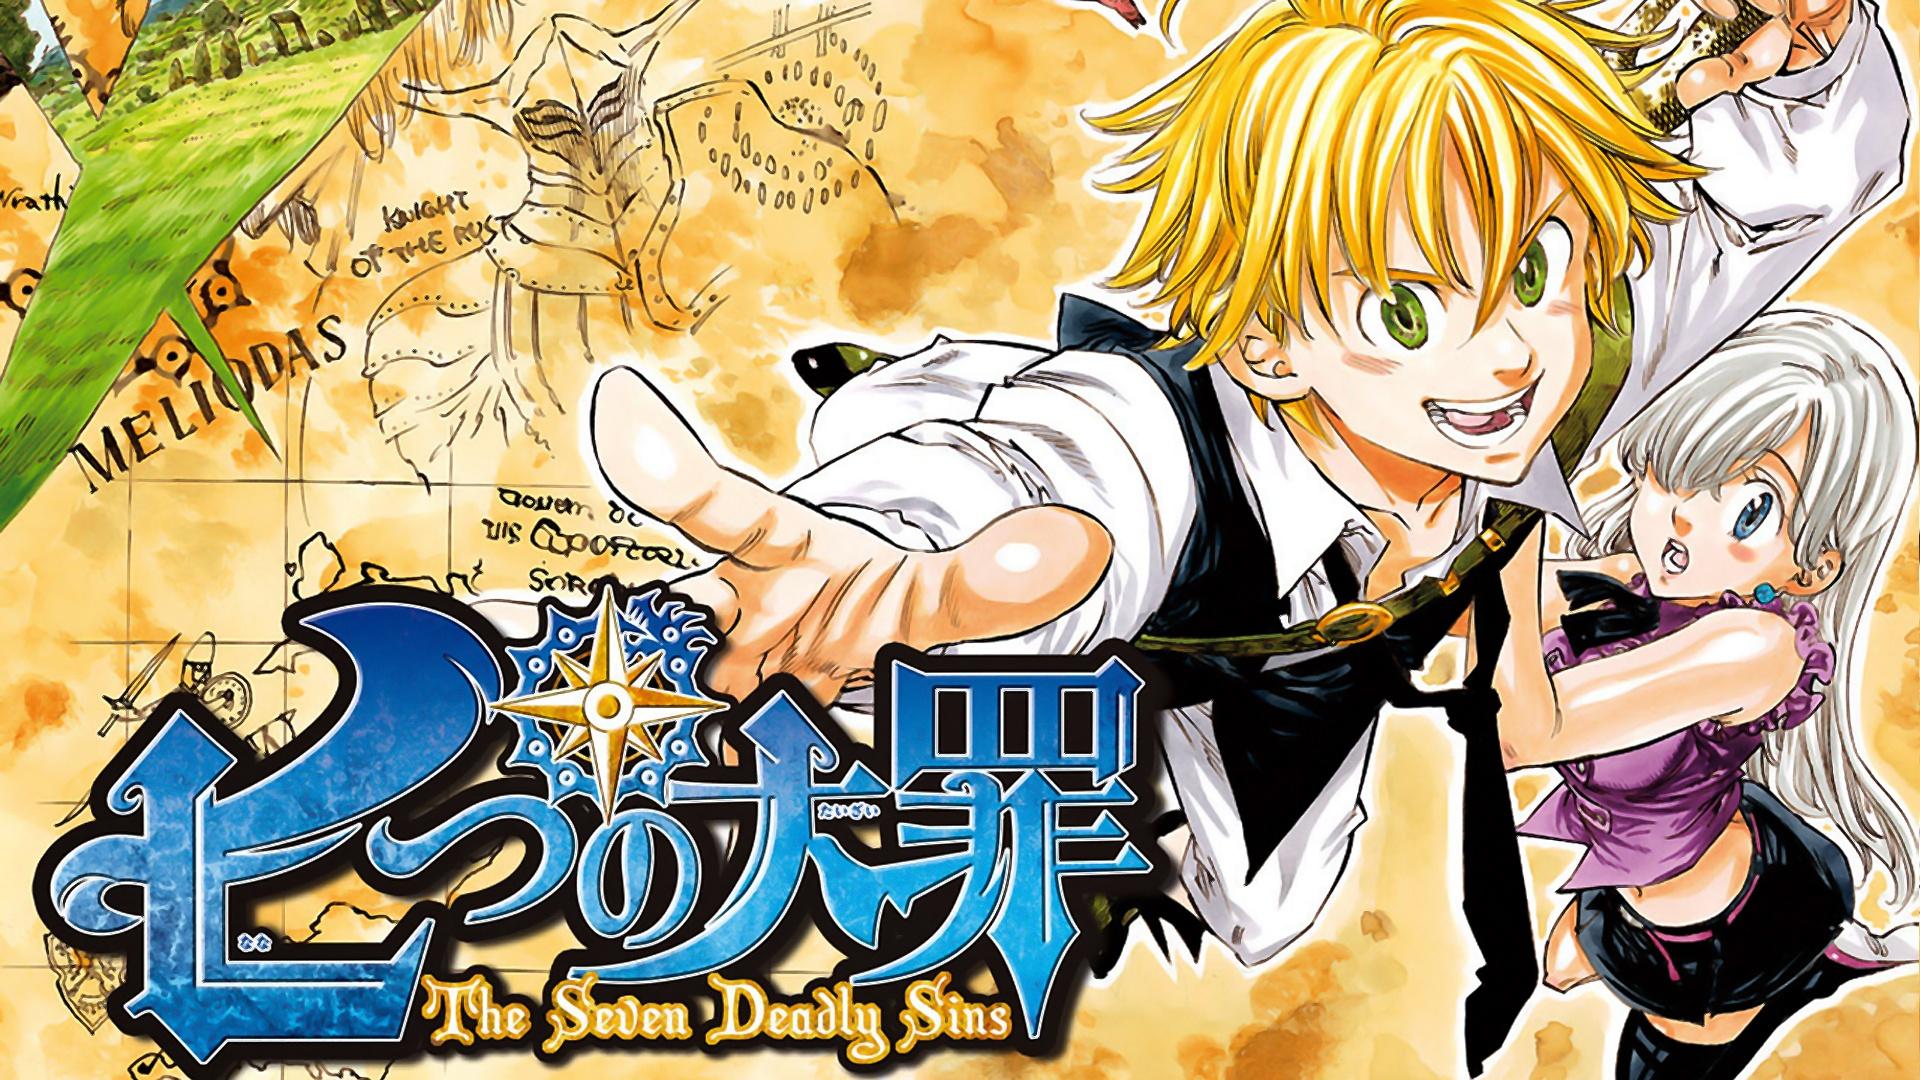 Nanatsu No Taizai Images Seven Deadly Sins Anime Meliodas Elizabeth X Hd Wallpaper And